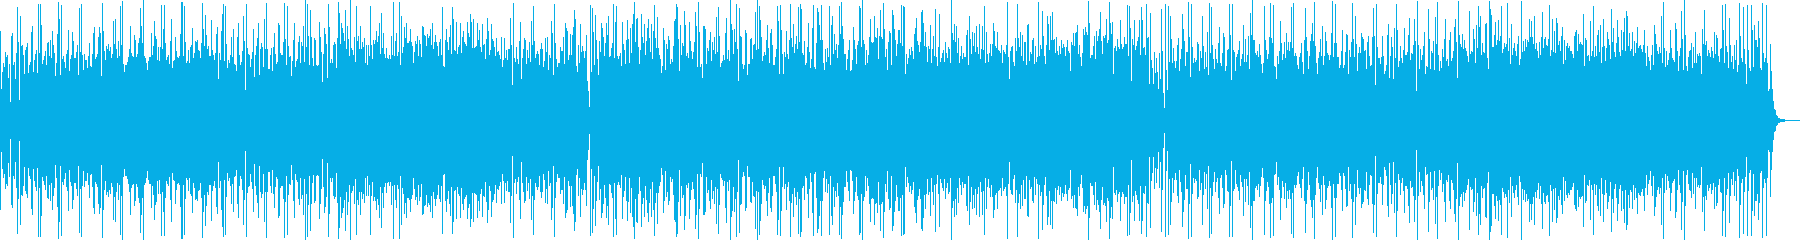 はじけるシンセ・ギターサウンドの再生済みの波形